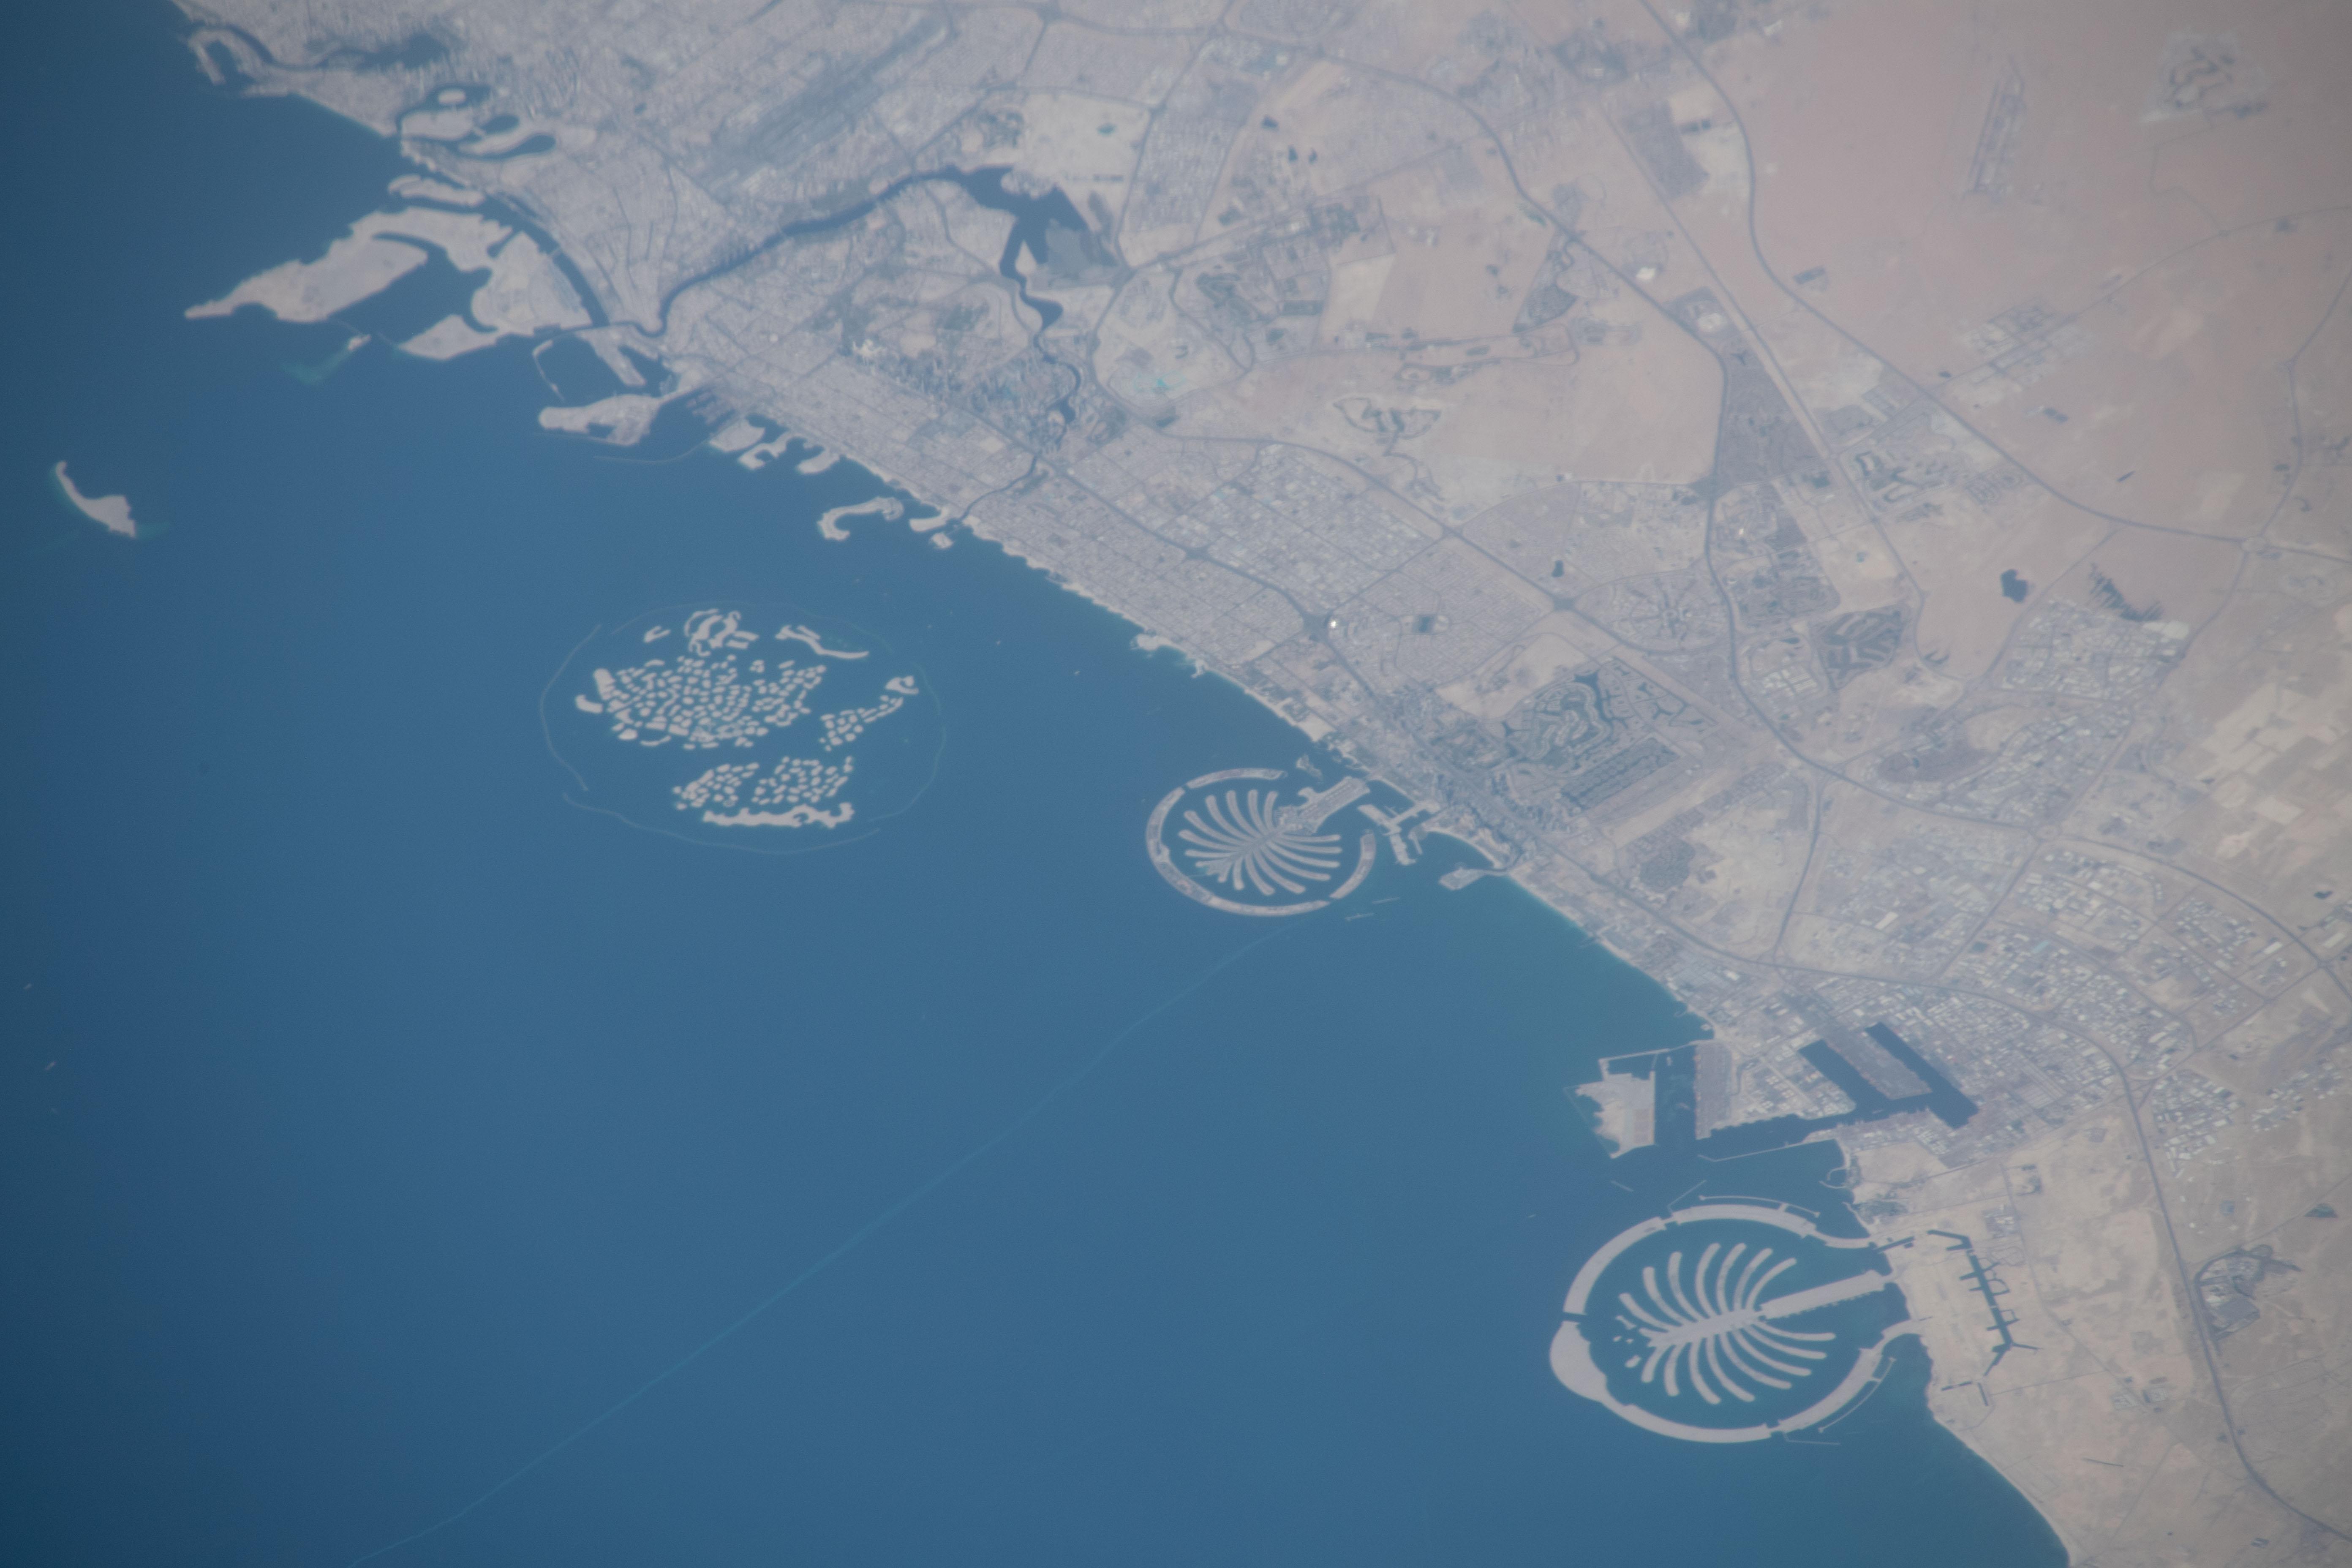 جزر النخيل الاصطناعية في دبي في صورة التقطت من محطة الفضاء الدولية